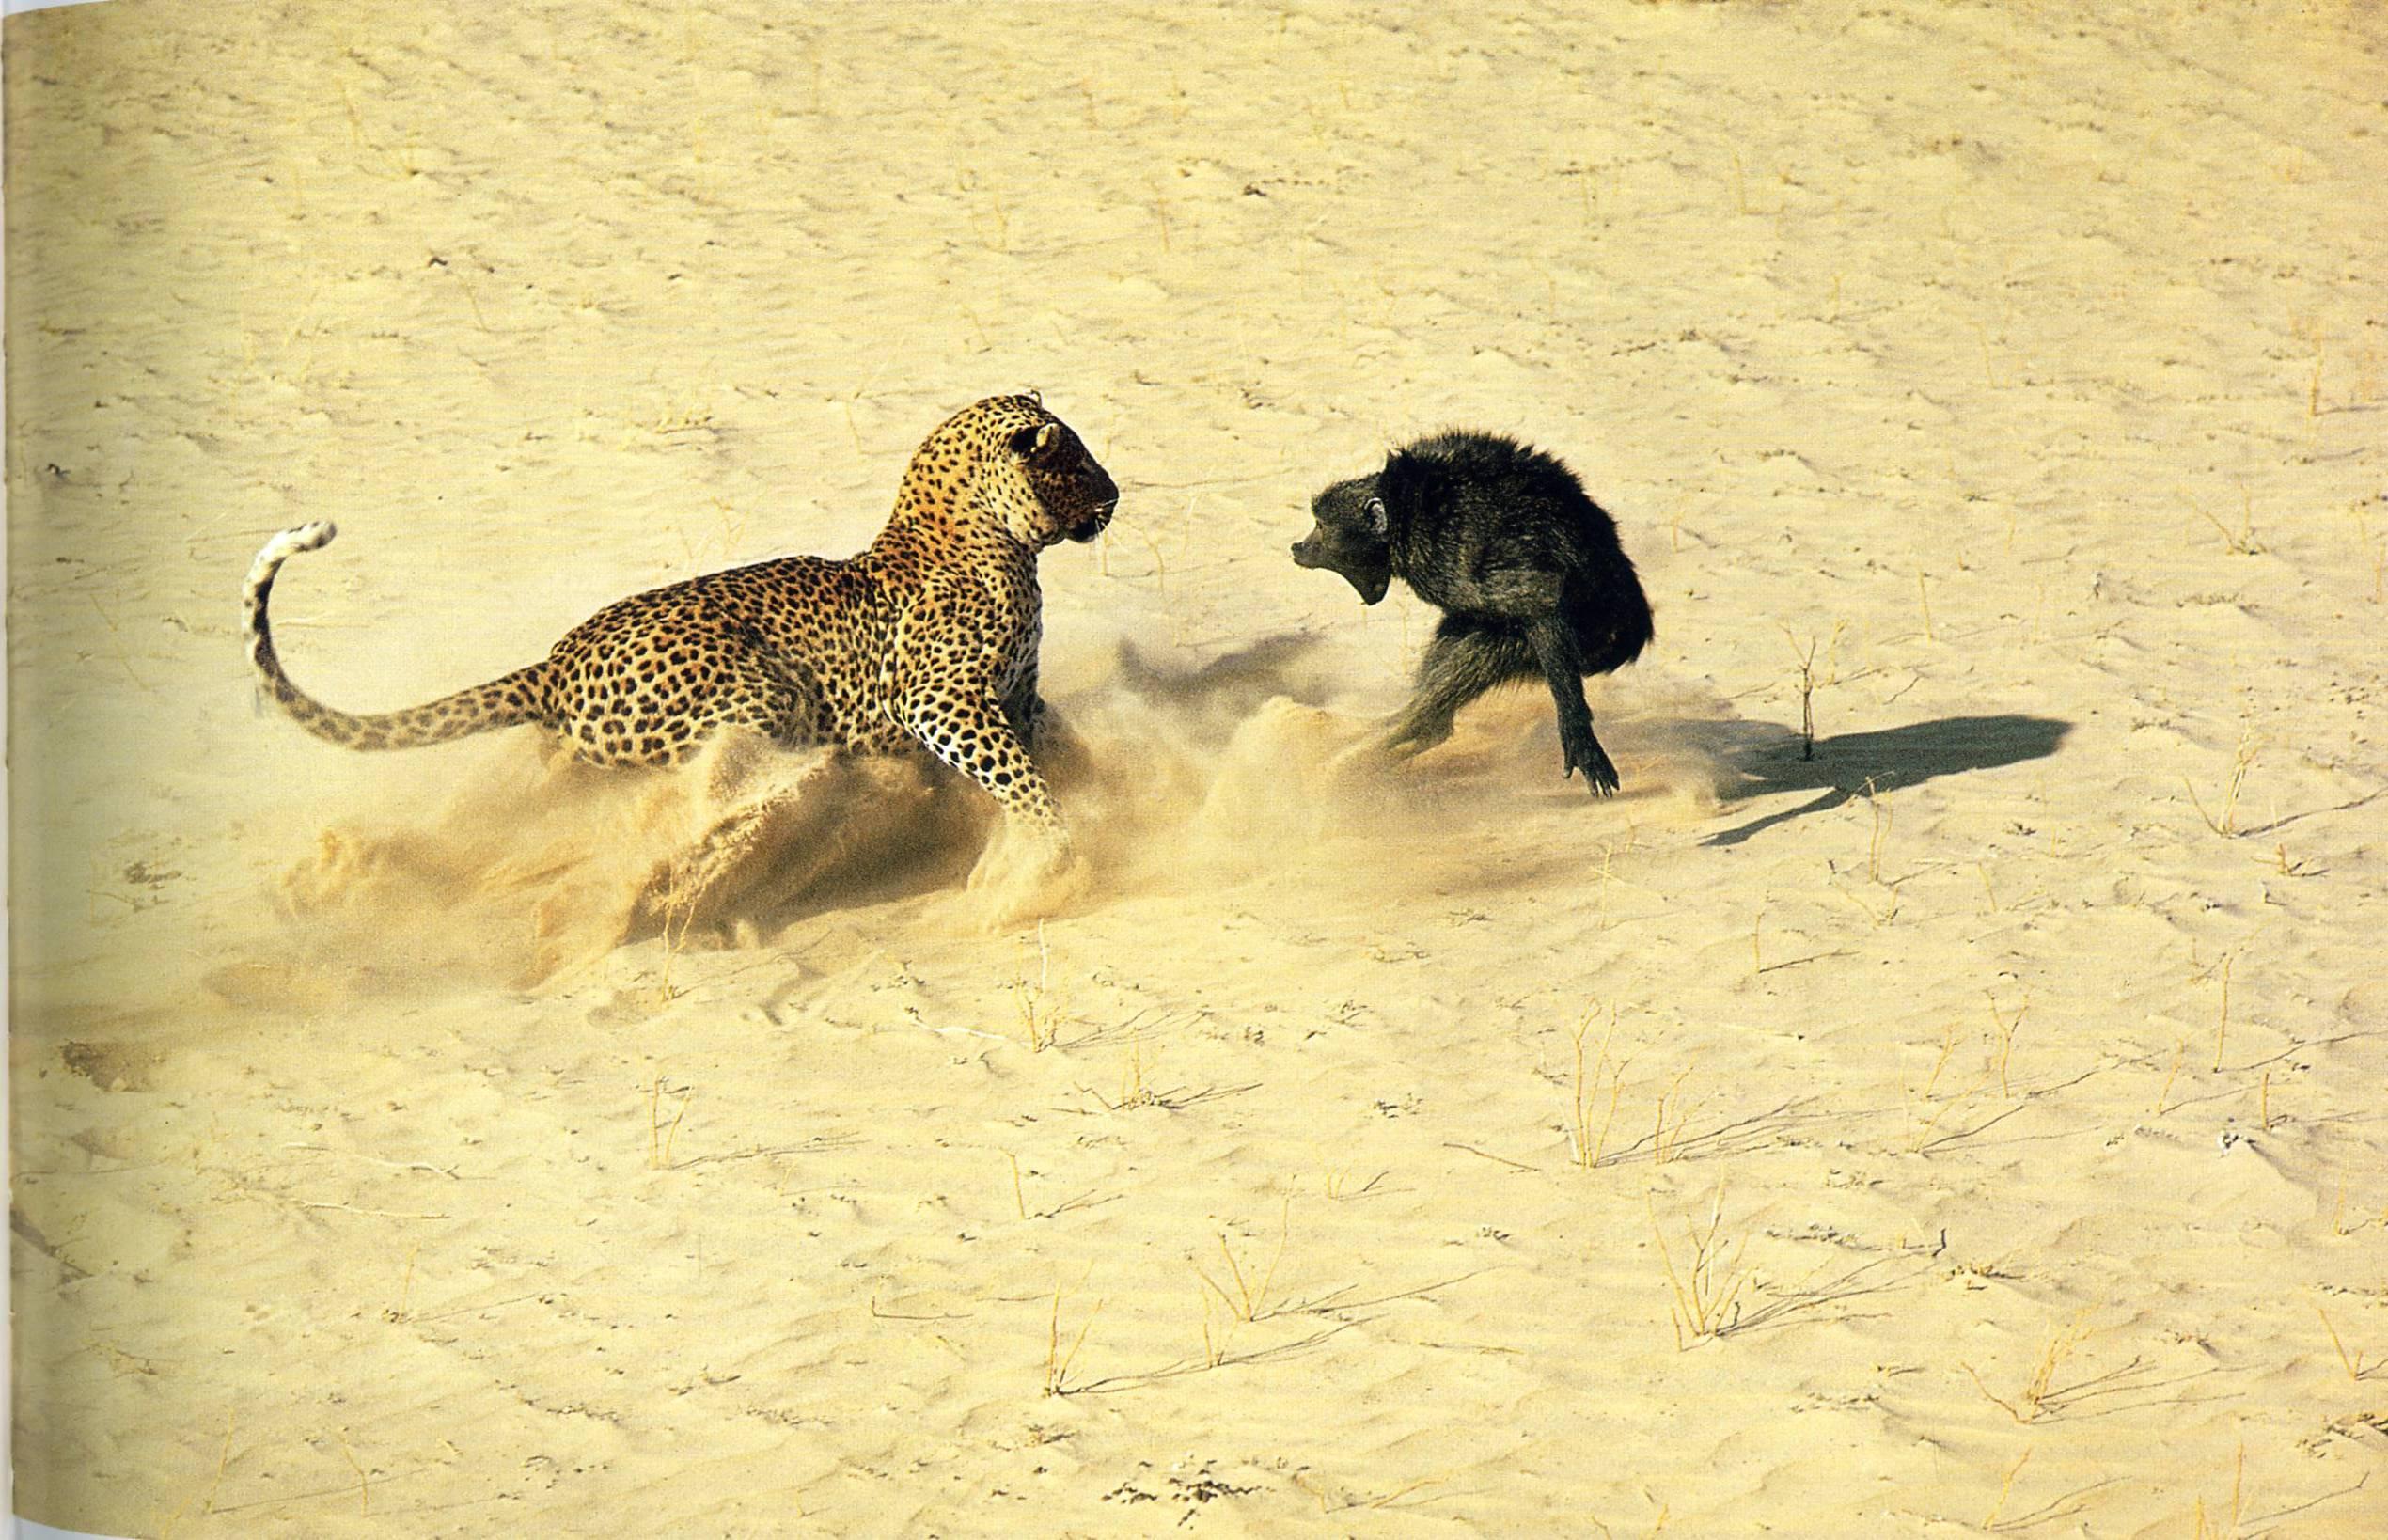 картинки пустыня и тигр выполнен металлической рамы